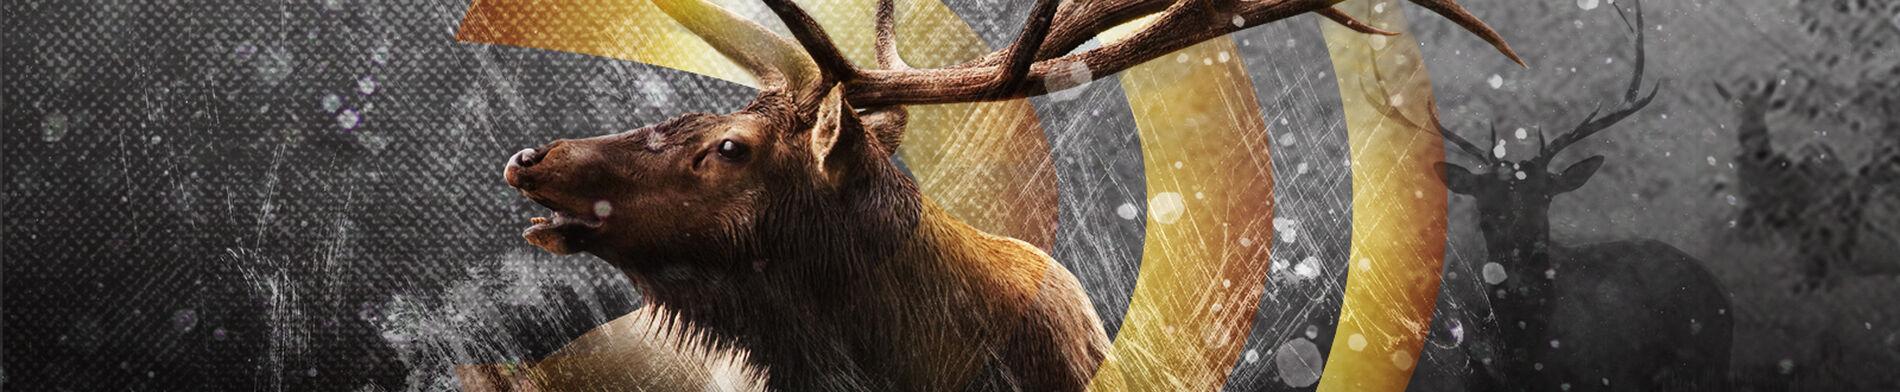 Gold Standard Returns Elk